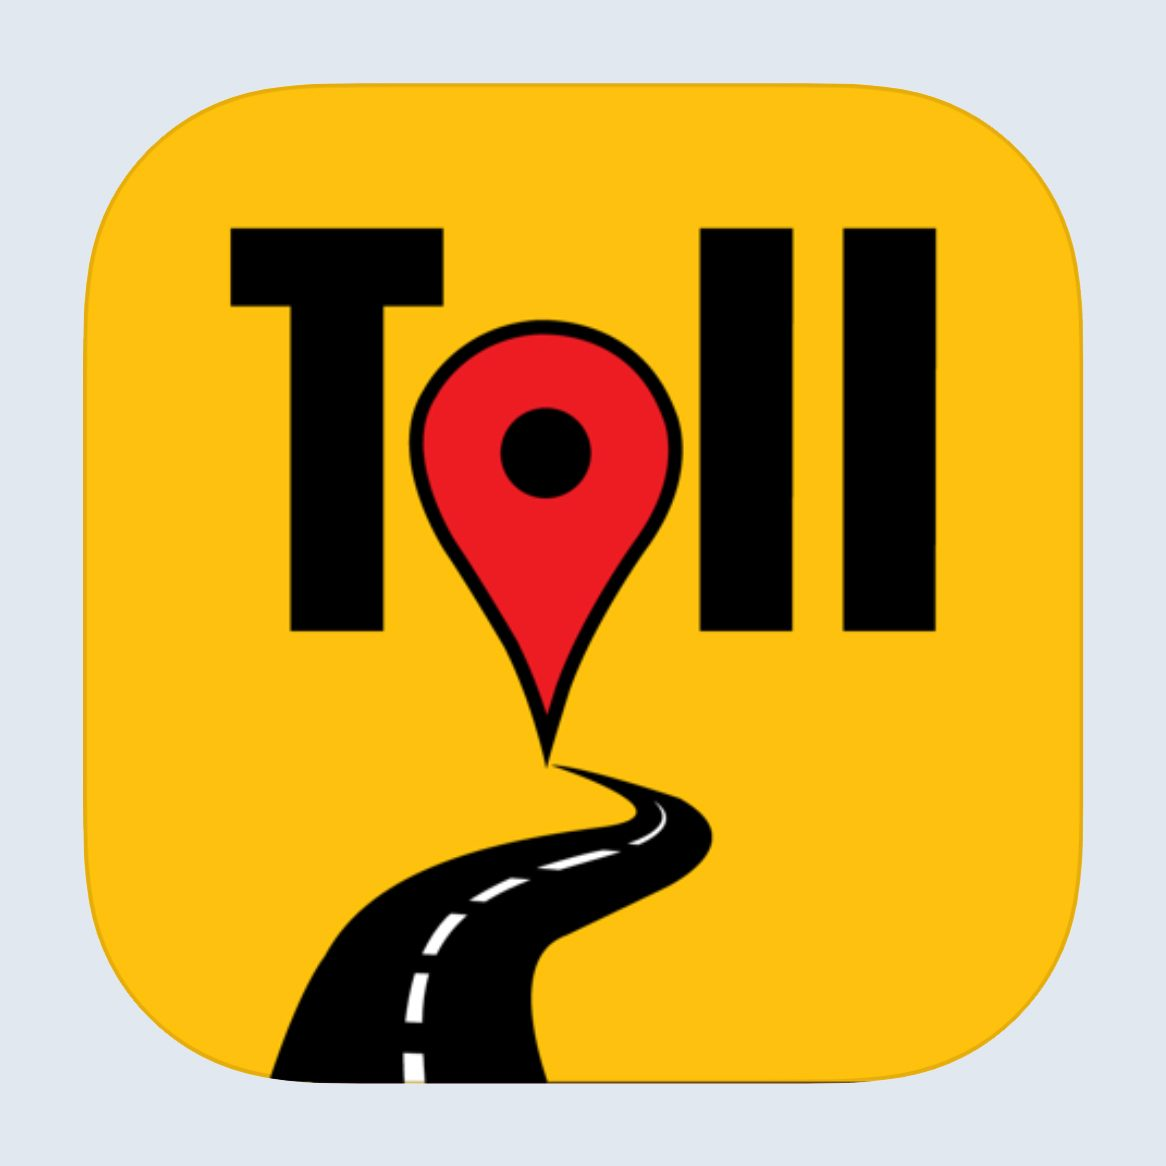 toll app